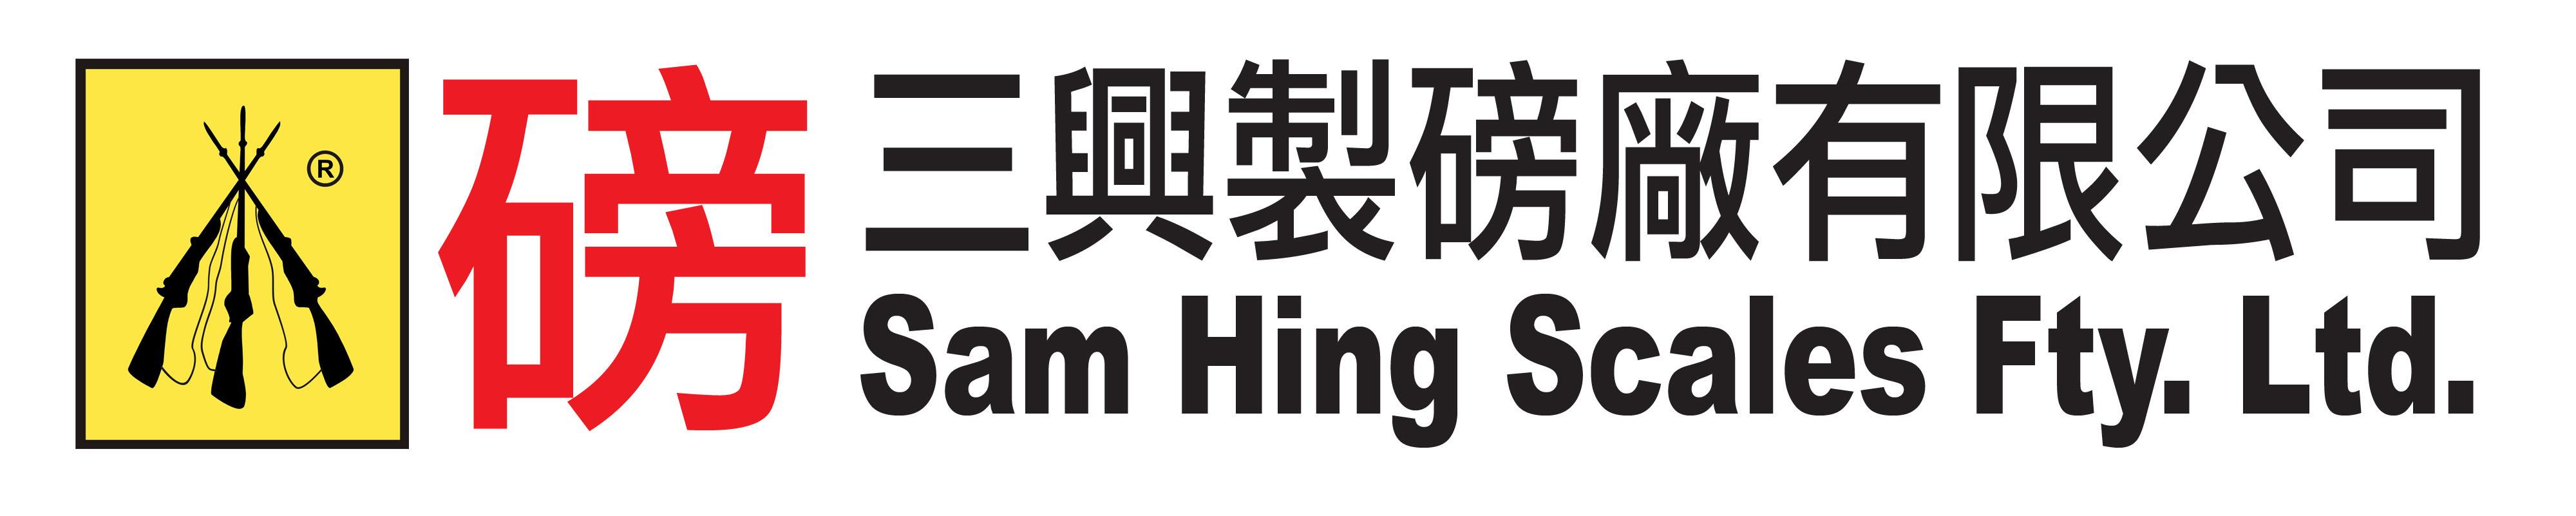 samhing_banner_01